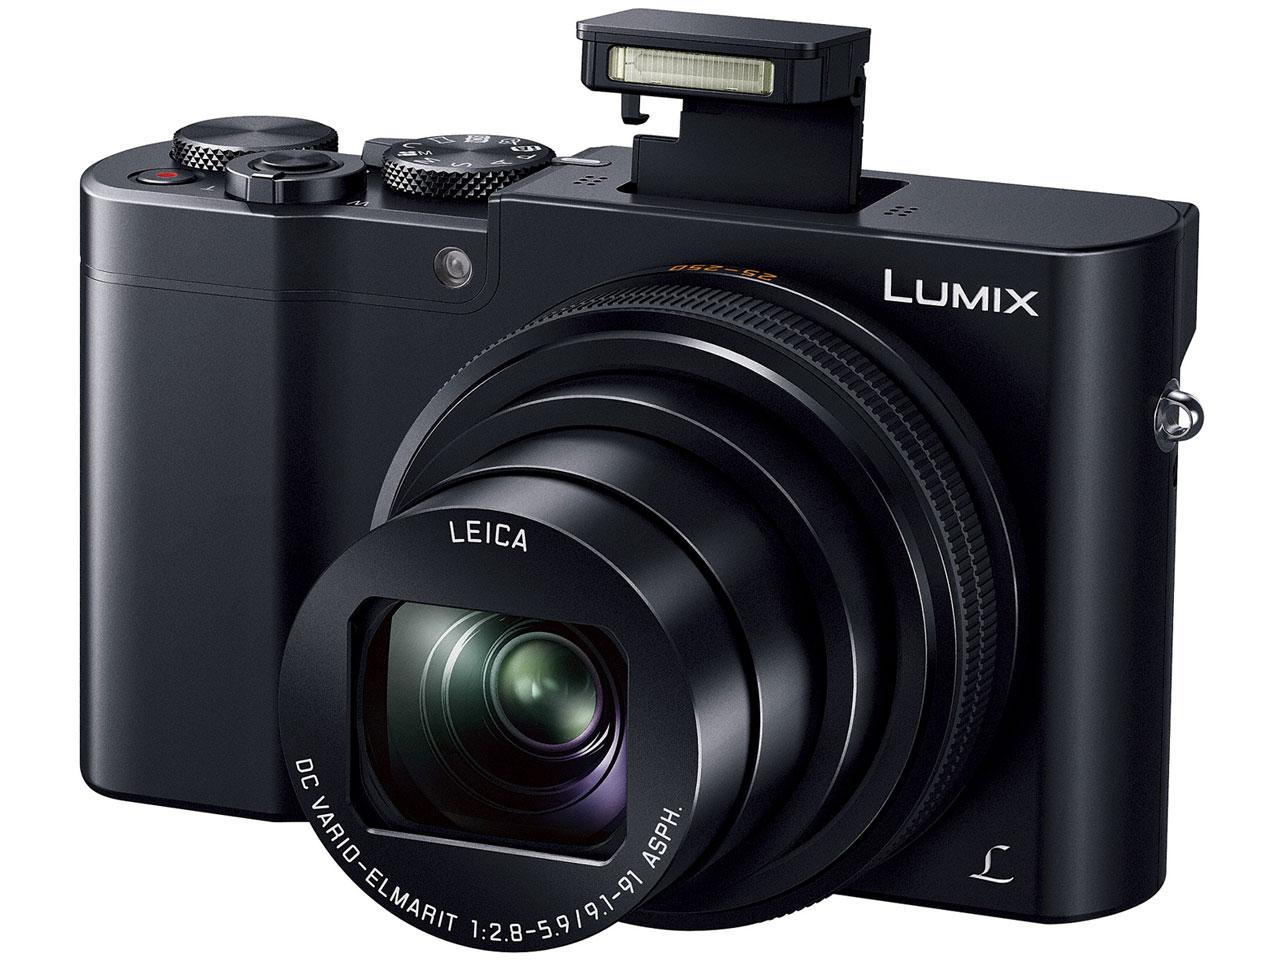 『本体 正面2』 LUMIX DMC-TX1 の製品画像